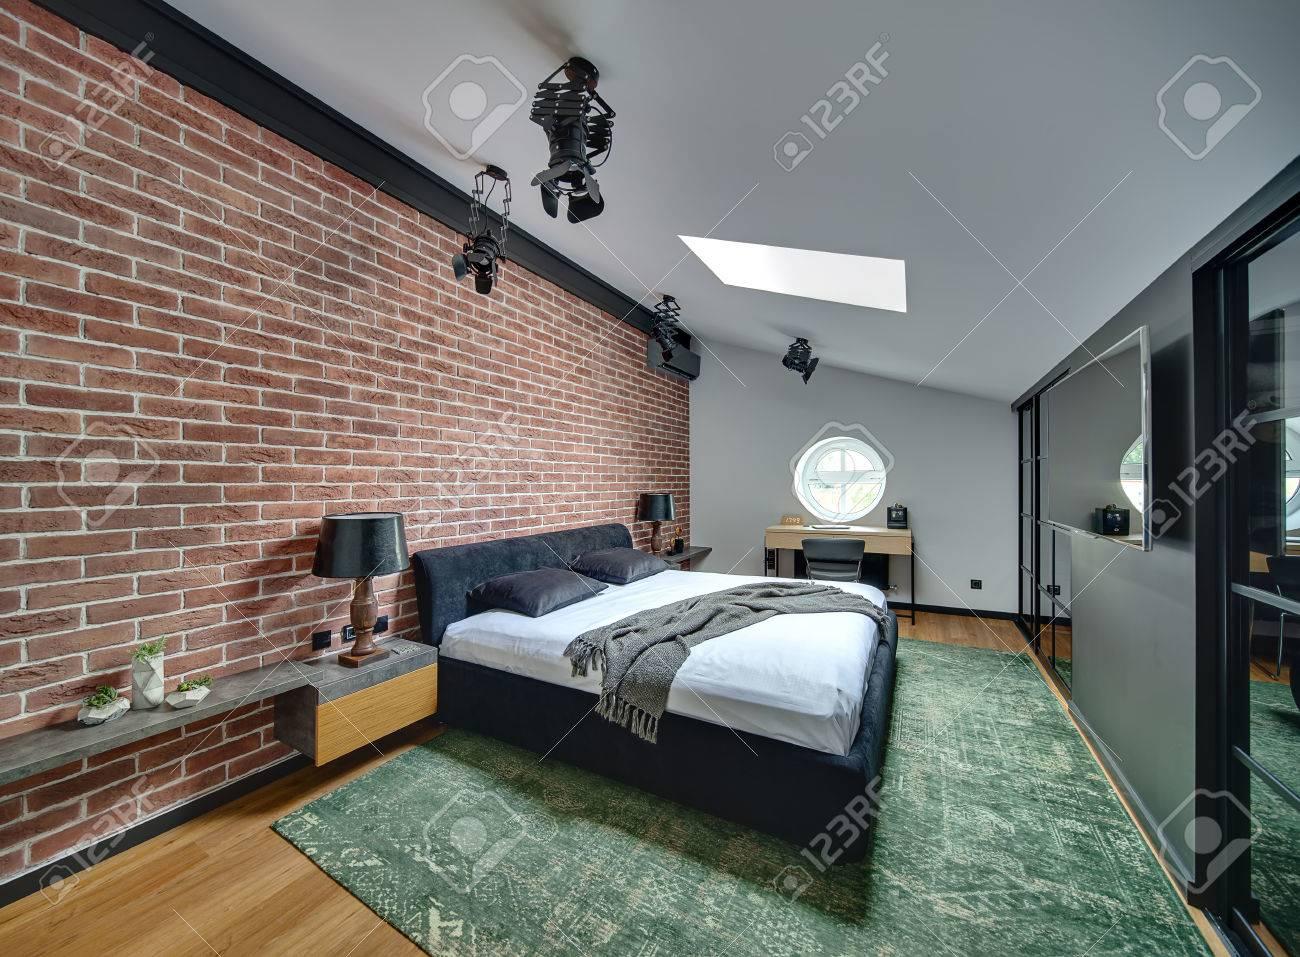 Stilvolles Schlafzimmer Im Modernen Stil Mit Mauer Und Parkett Mit Grünem  Teppich Auf Dem Boden. Es Gibt Bett, Racks Mit Lampen Und Dekorationen, ...